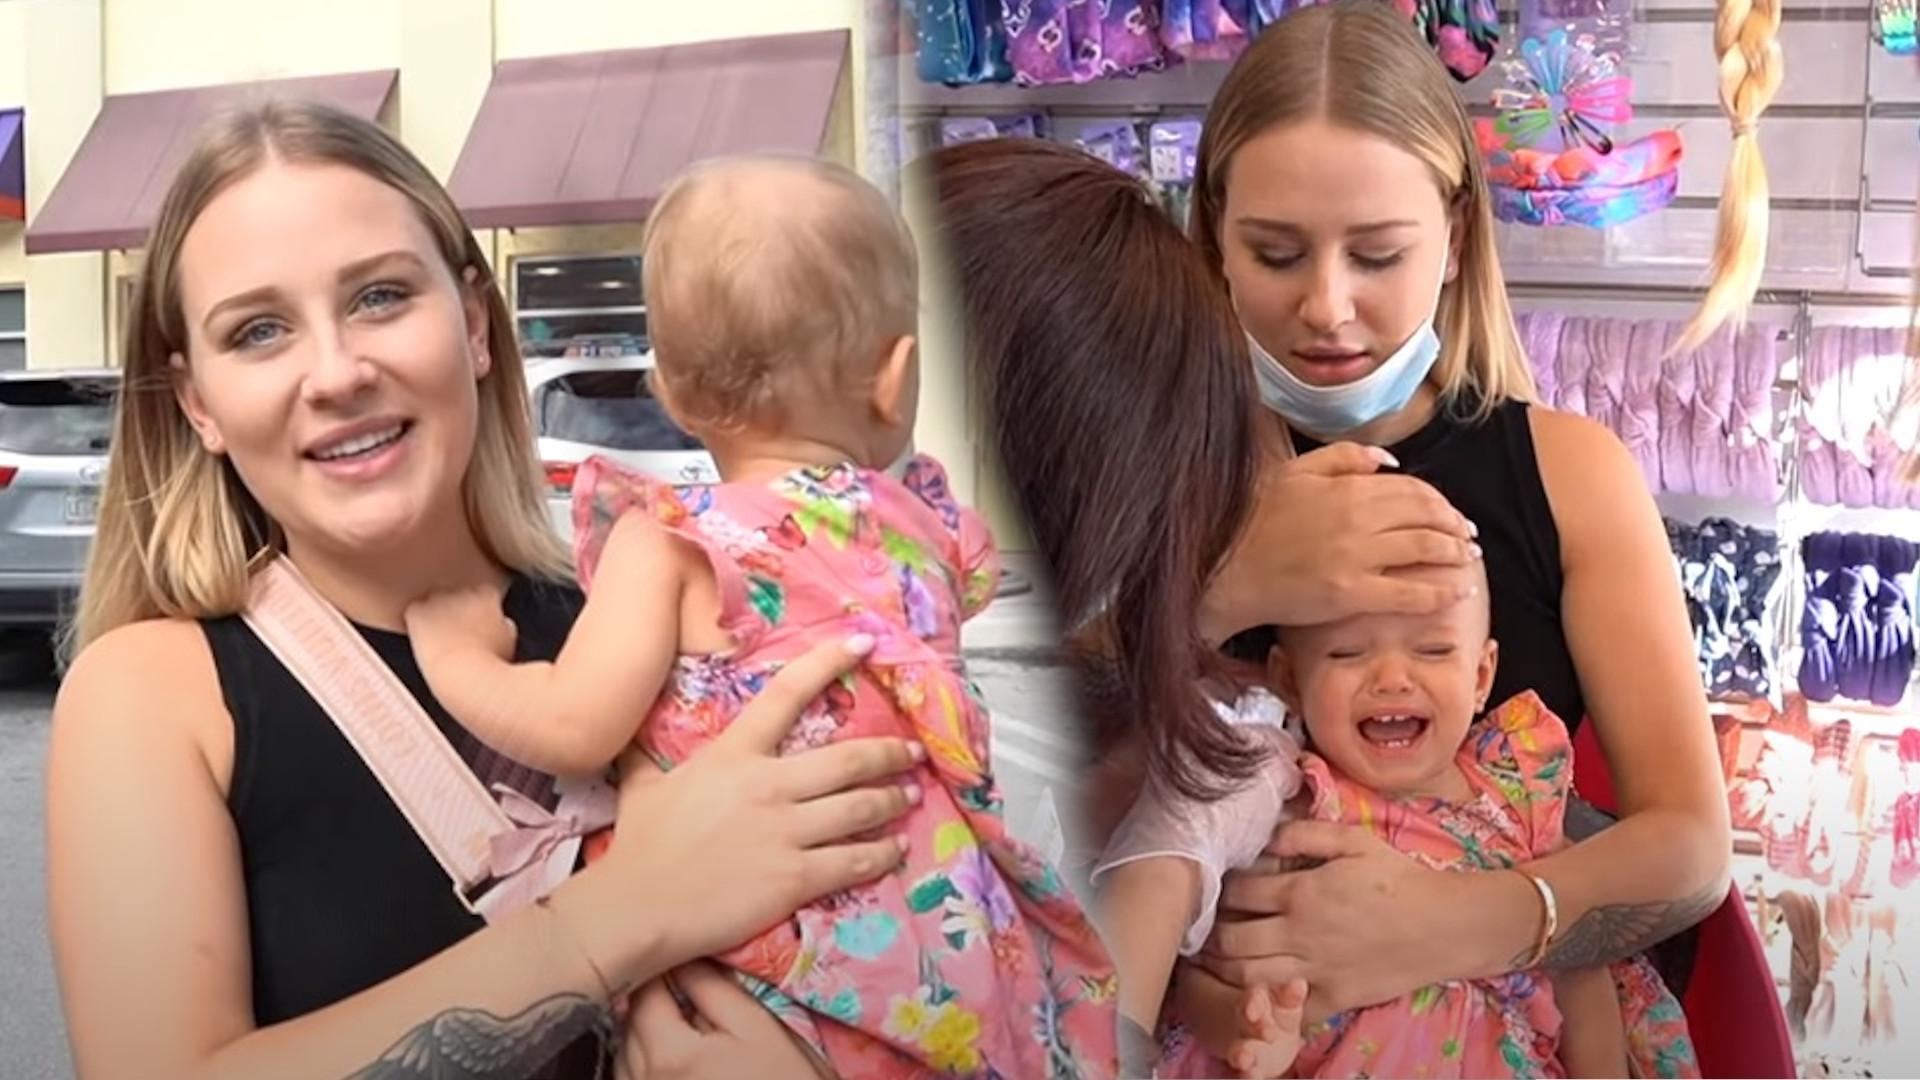 Andziaks przekuła uszy PISTOLETEM rocznej córce. Internauci podzieleni